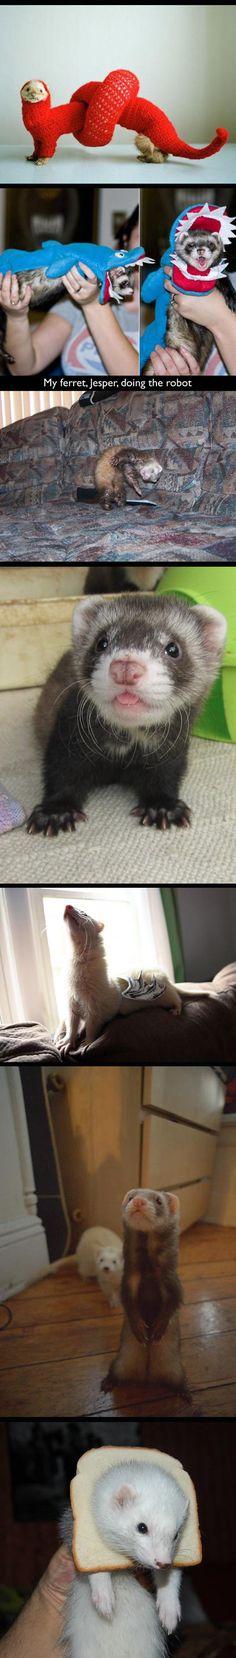 Funny Ferrets   funny-ferrets-costume-cute-bread